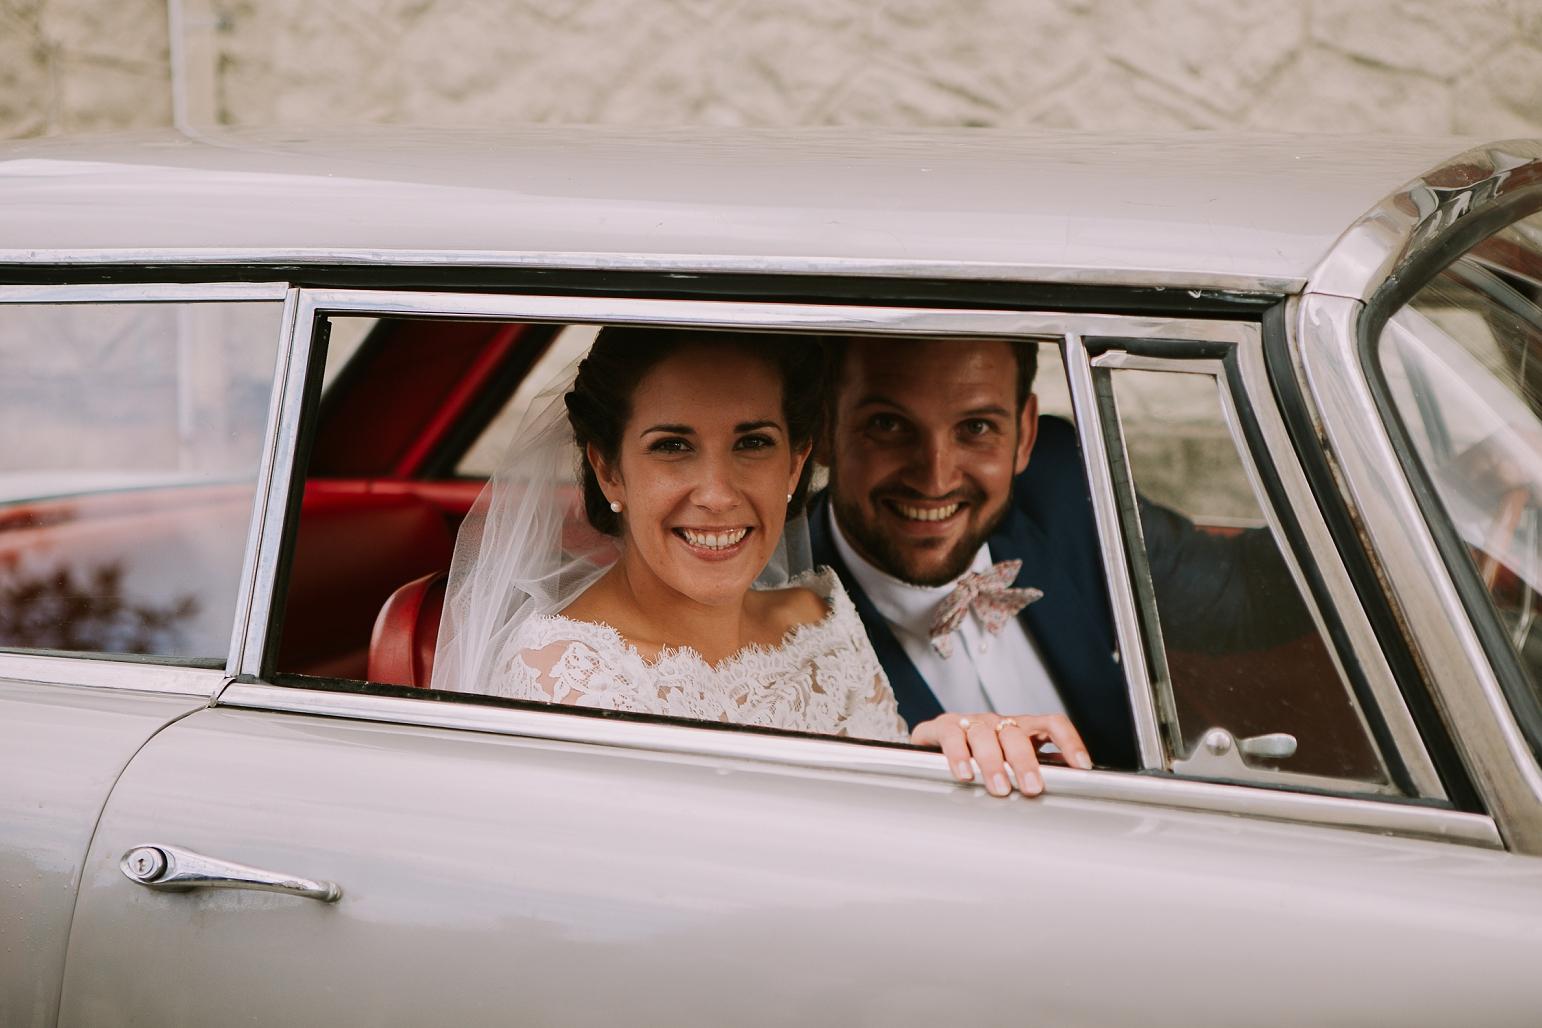 kateryna-photos-mariage-wedding-france-bretagne-pays-de-la-loire-chateau-de-la-colaissiere-st-sauveur-de-landemont_0050.jpg